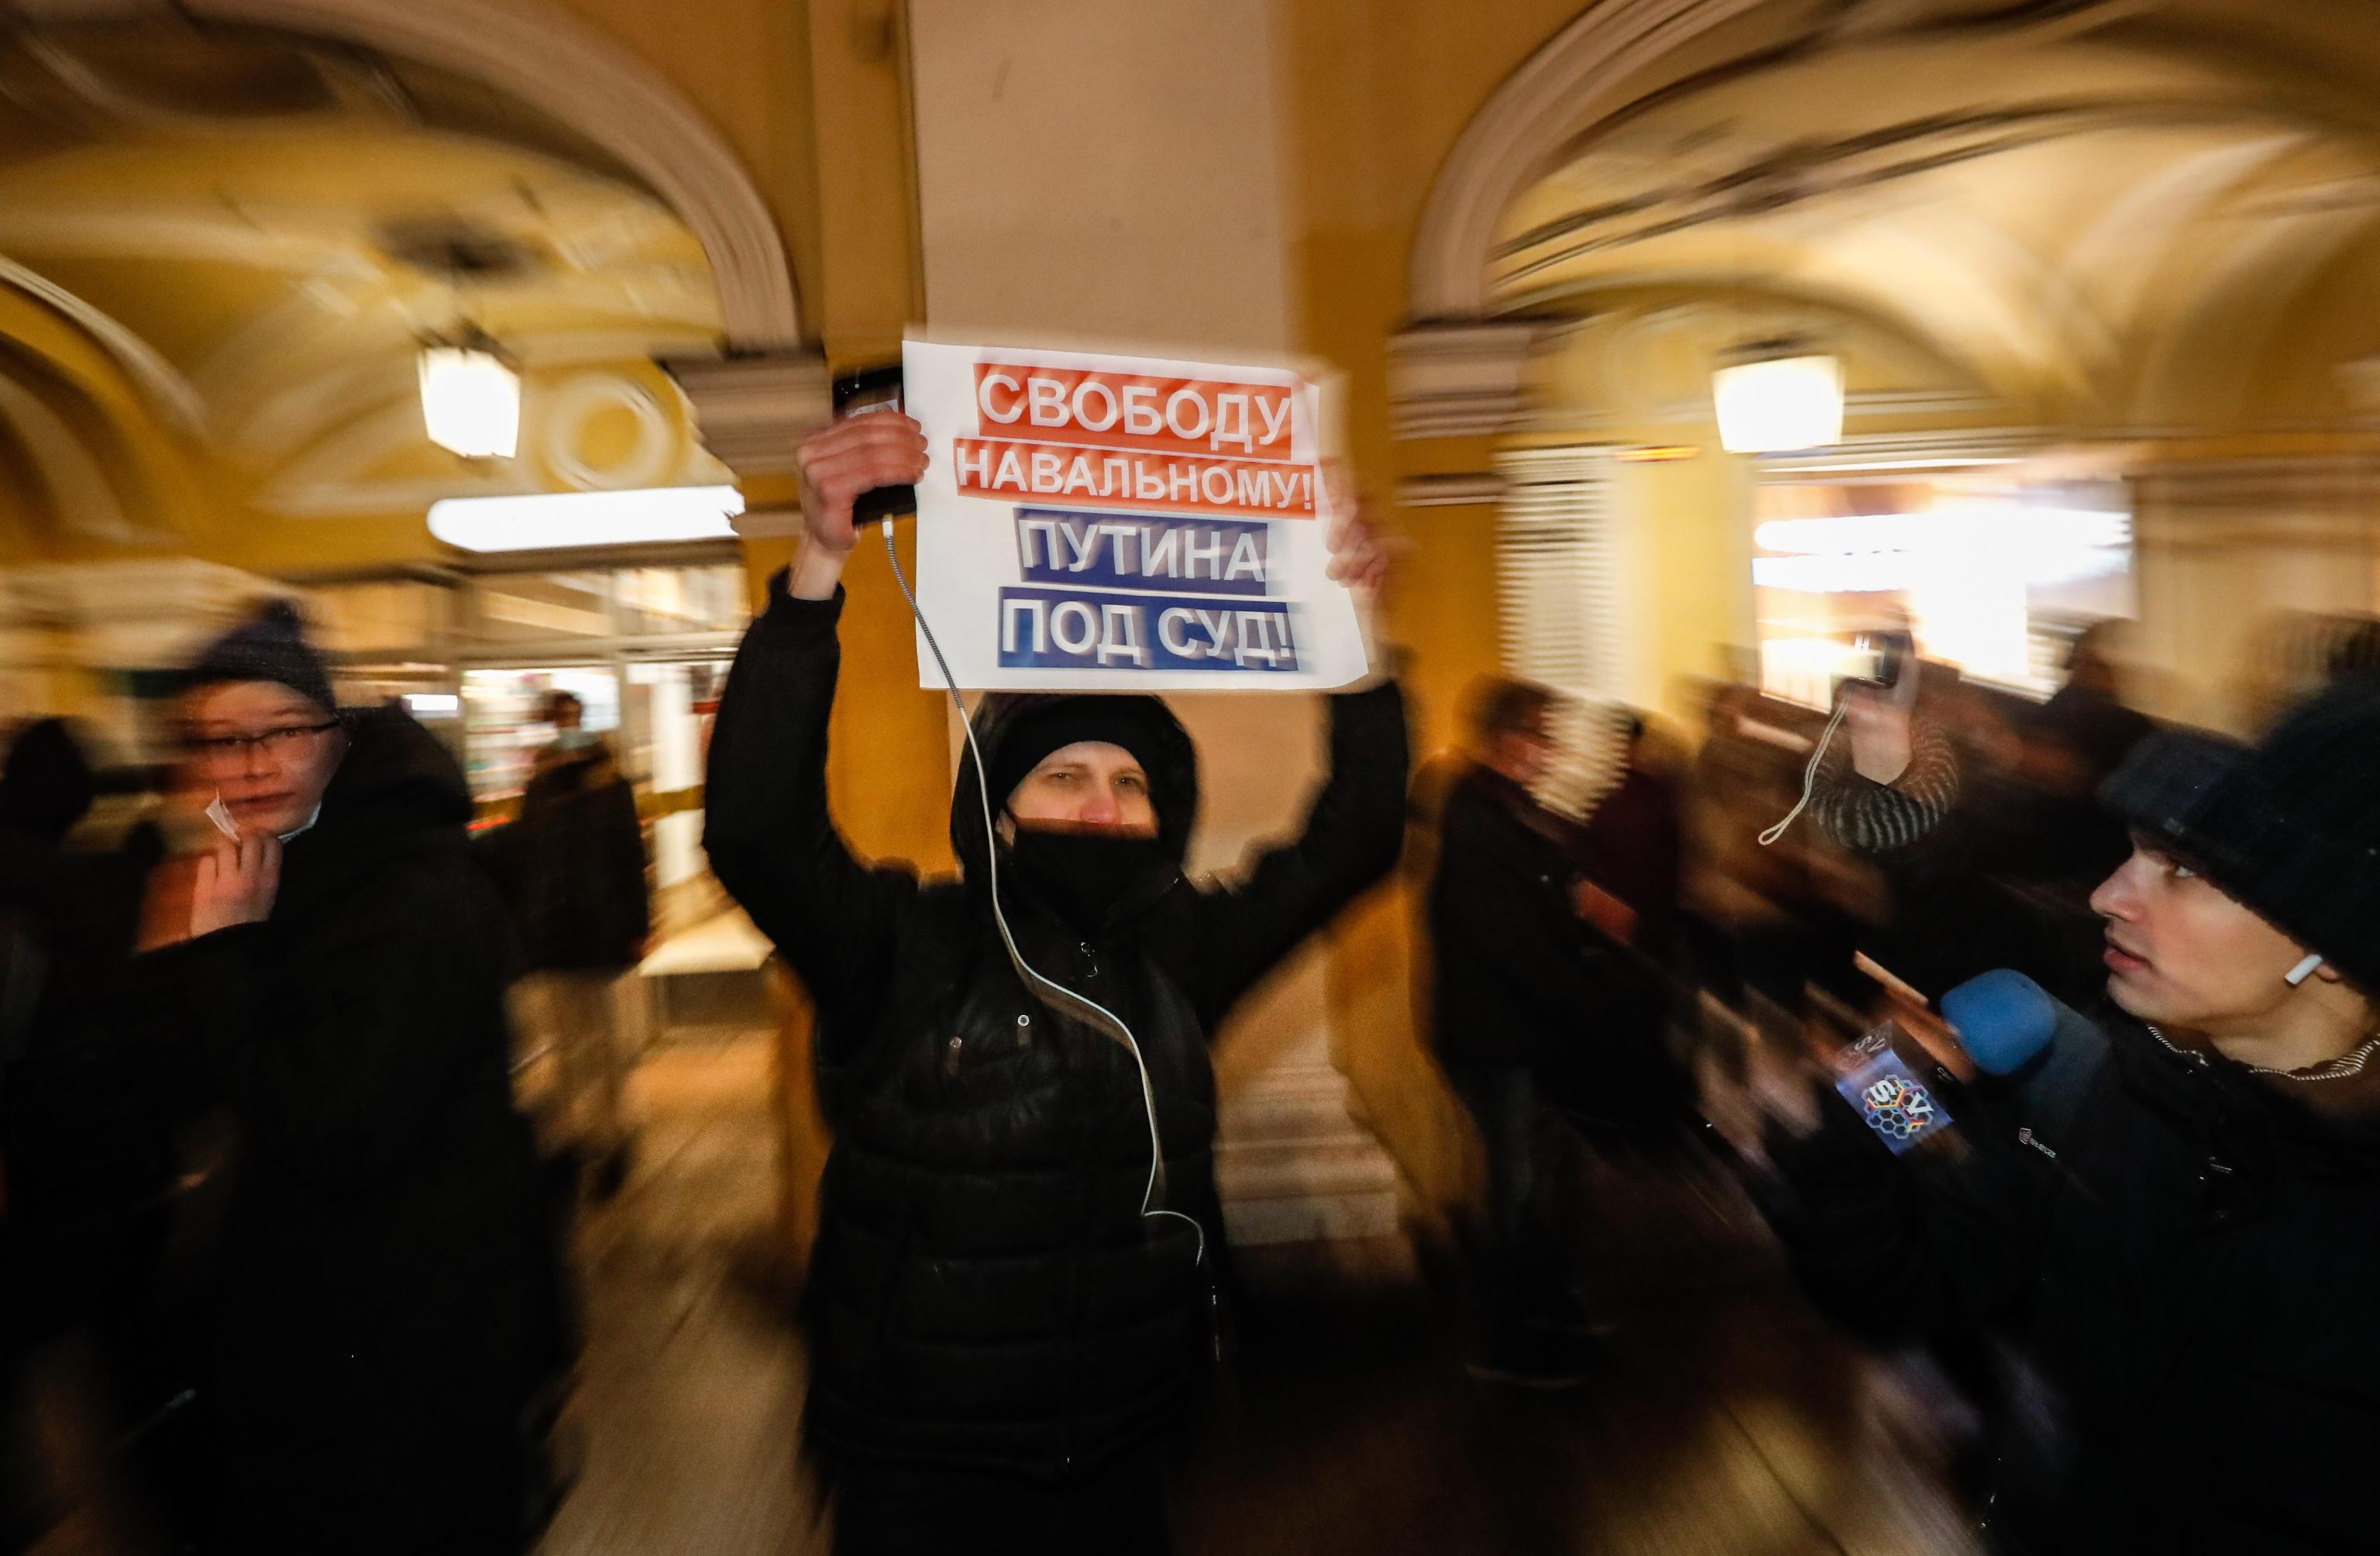 Il coordinatore del quartier generale di Navalny a Mosca: «Così sono sfuggito all'arresto. Ma domani scenderò in piazza» – L'intervista